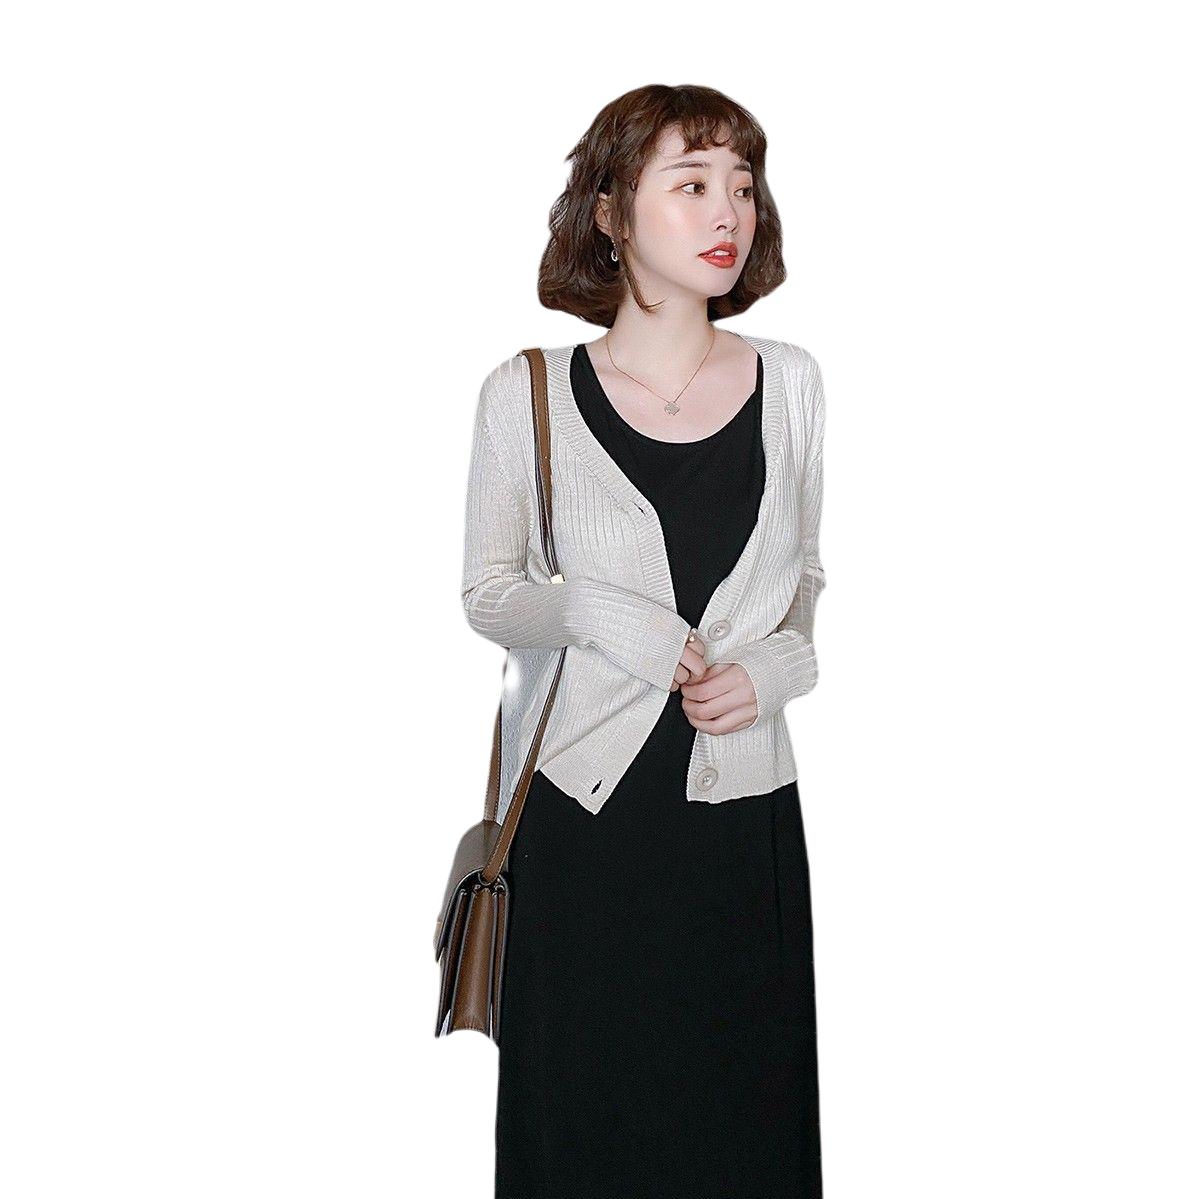 YUZHAOLIN 俞兆林 女士圆领长袖修身薄款毛衣0827NZ877I2 杏色均码